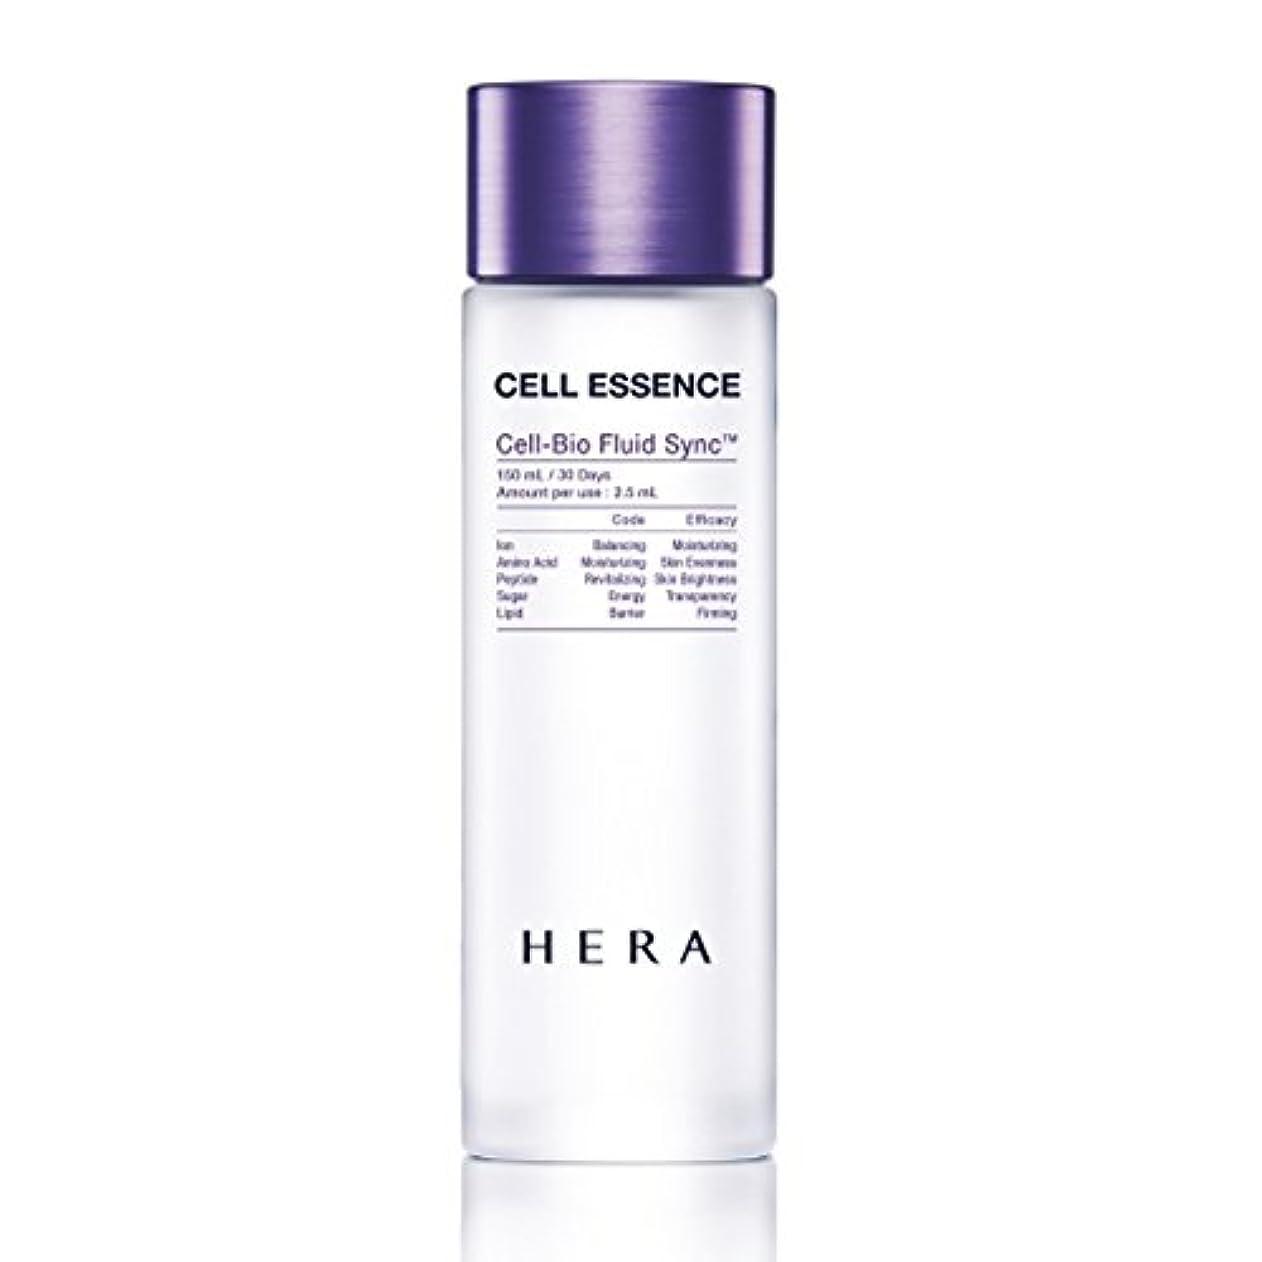 半島スポーツをする居眠りする[ヘラ/HERA]HERA CELL ESSENCE/ヘラ セル エッセンス 150ml【美容液】(海外直送品)